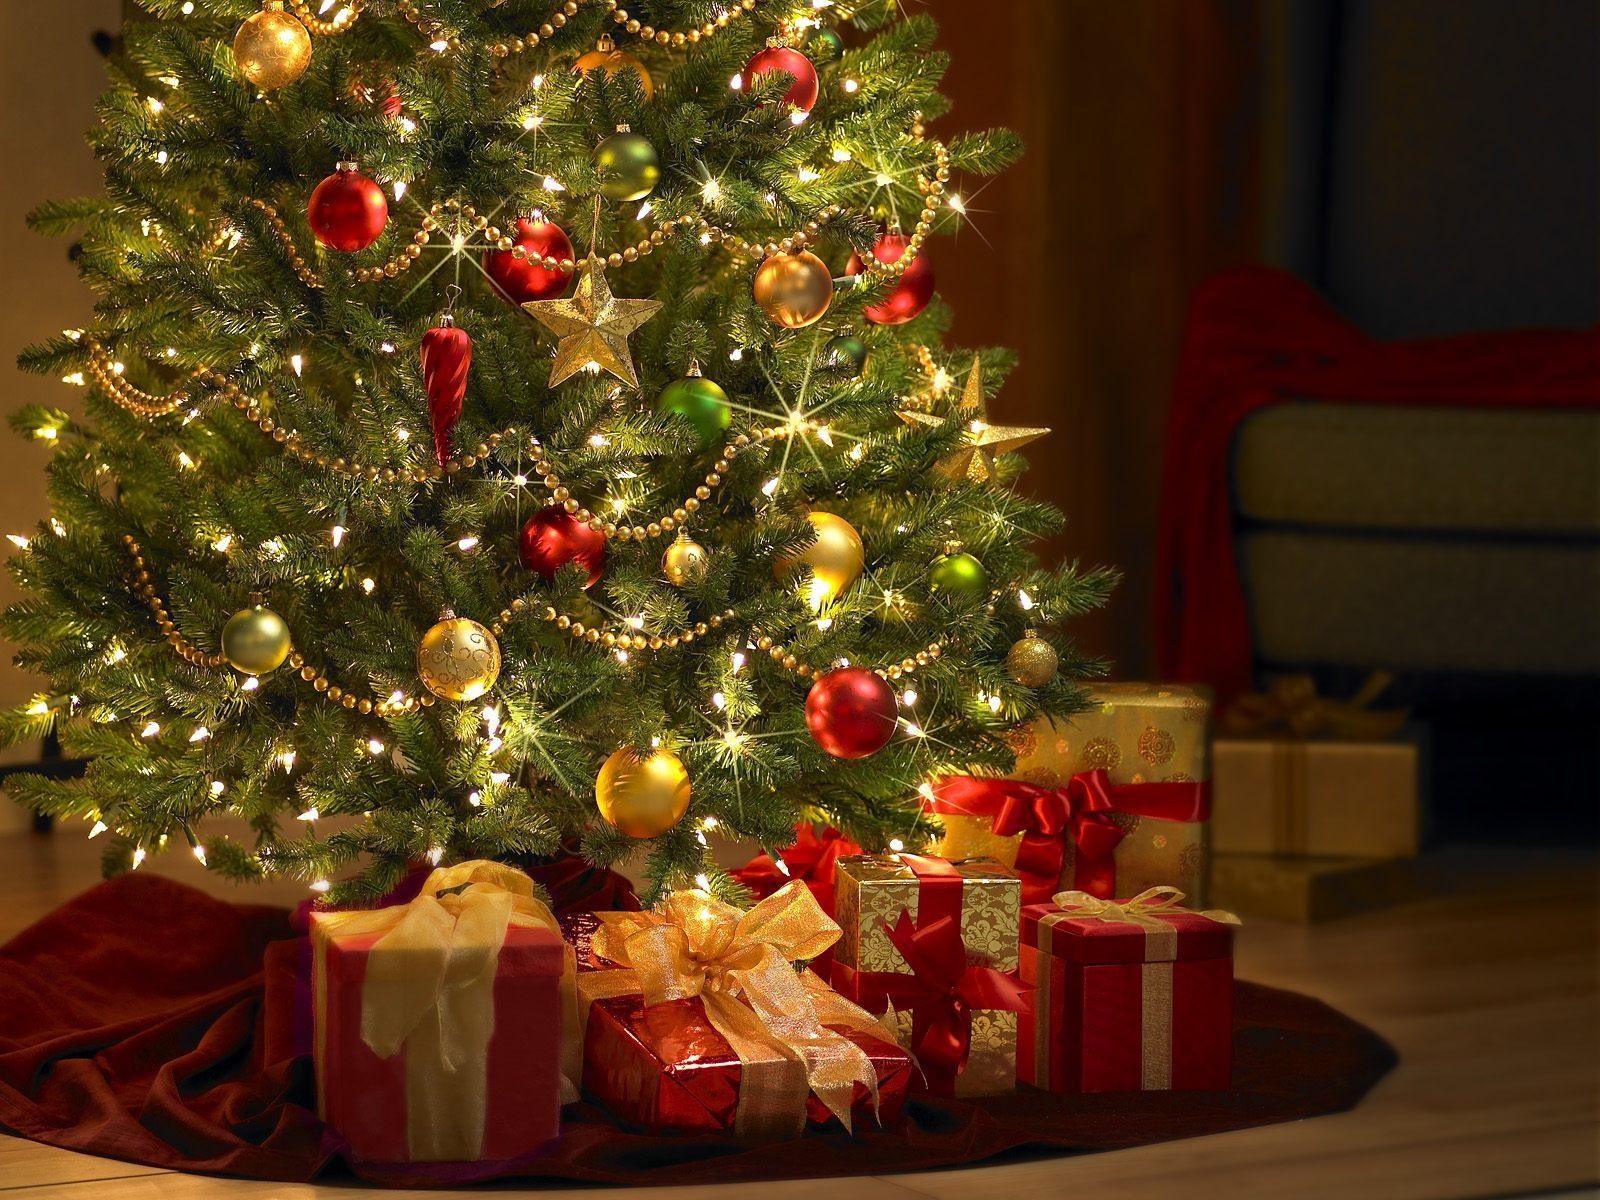 Porqu hacer regalos por navidad nauticadecor magazine - Ideas para regalar en reyes ...